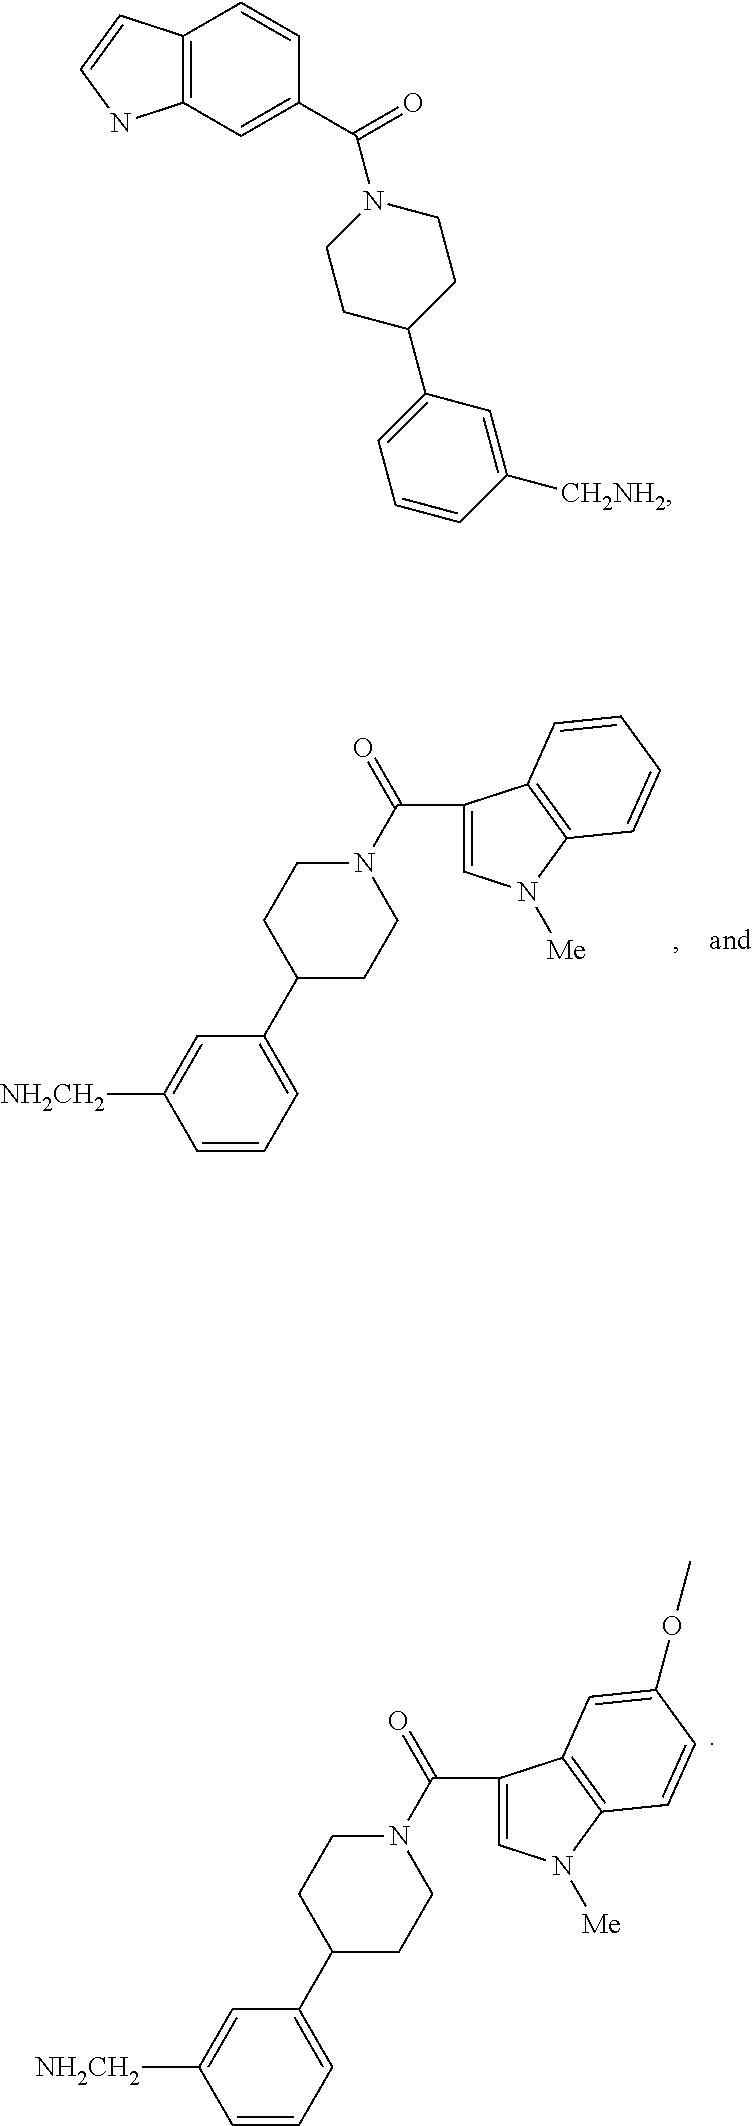 Figure US20110201647A1-20110818-C00003